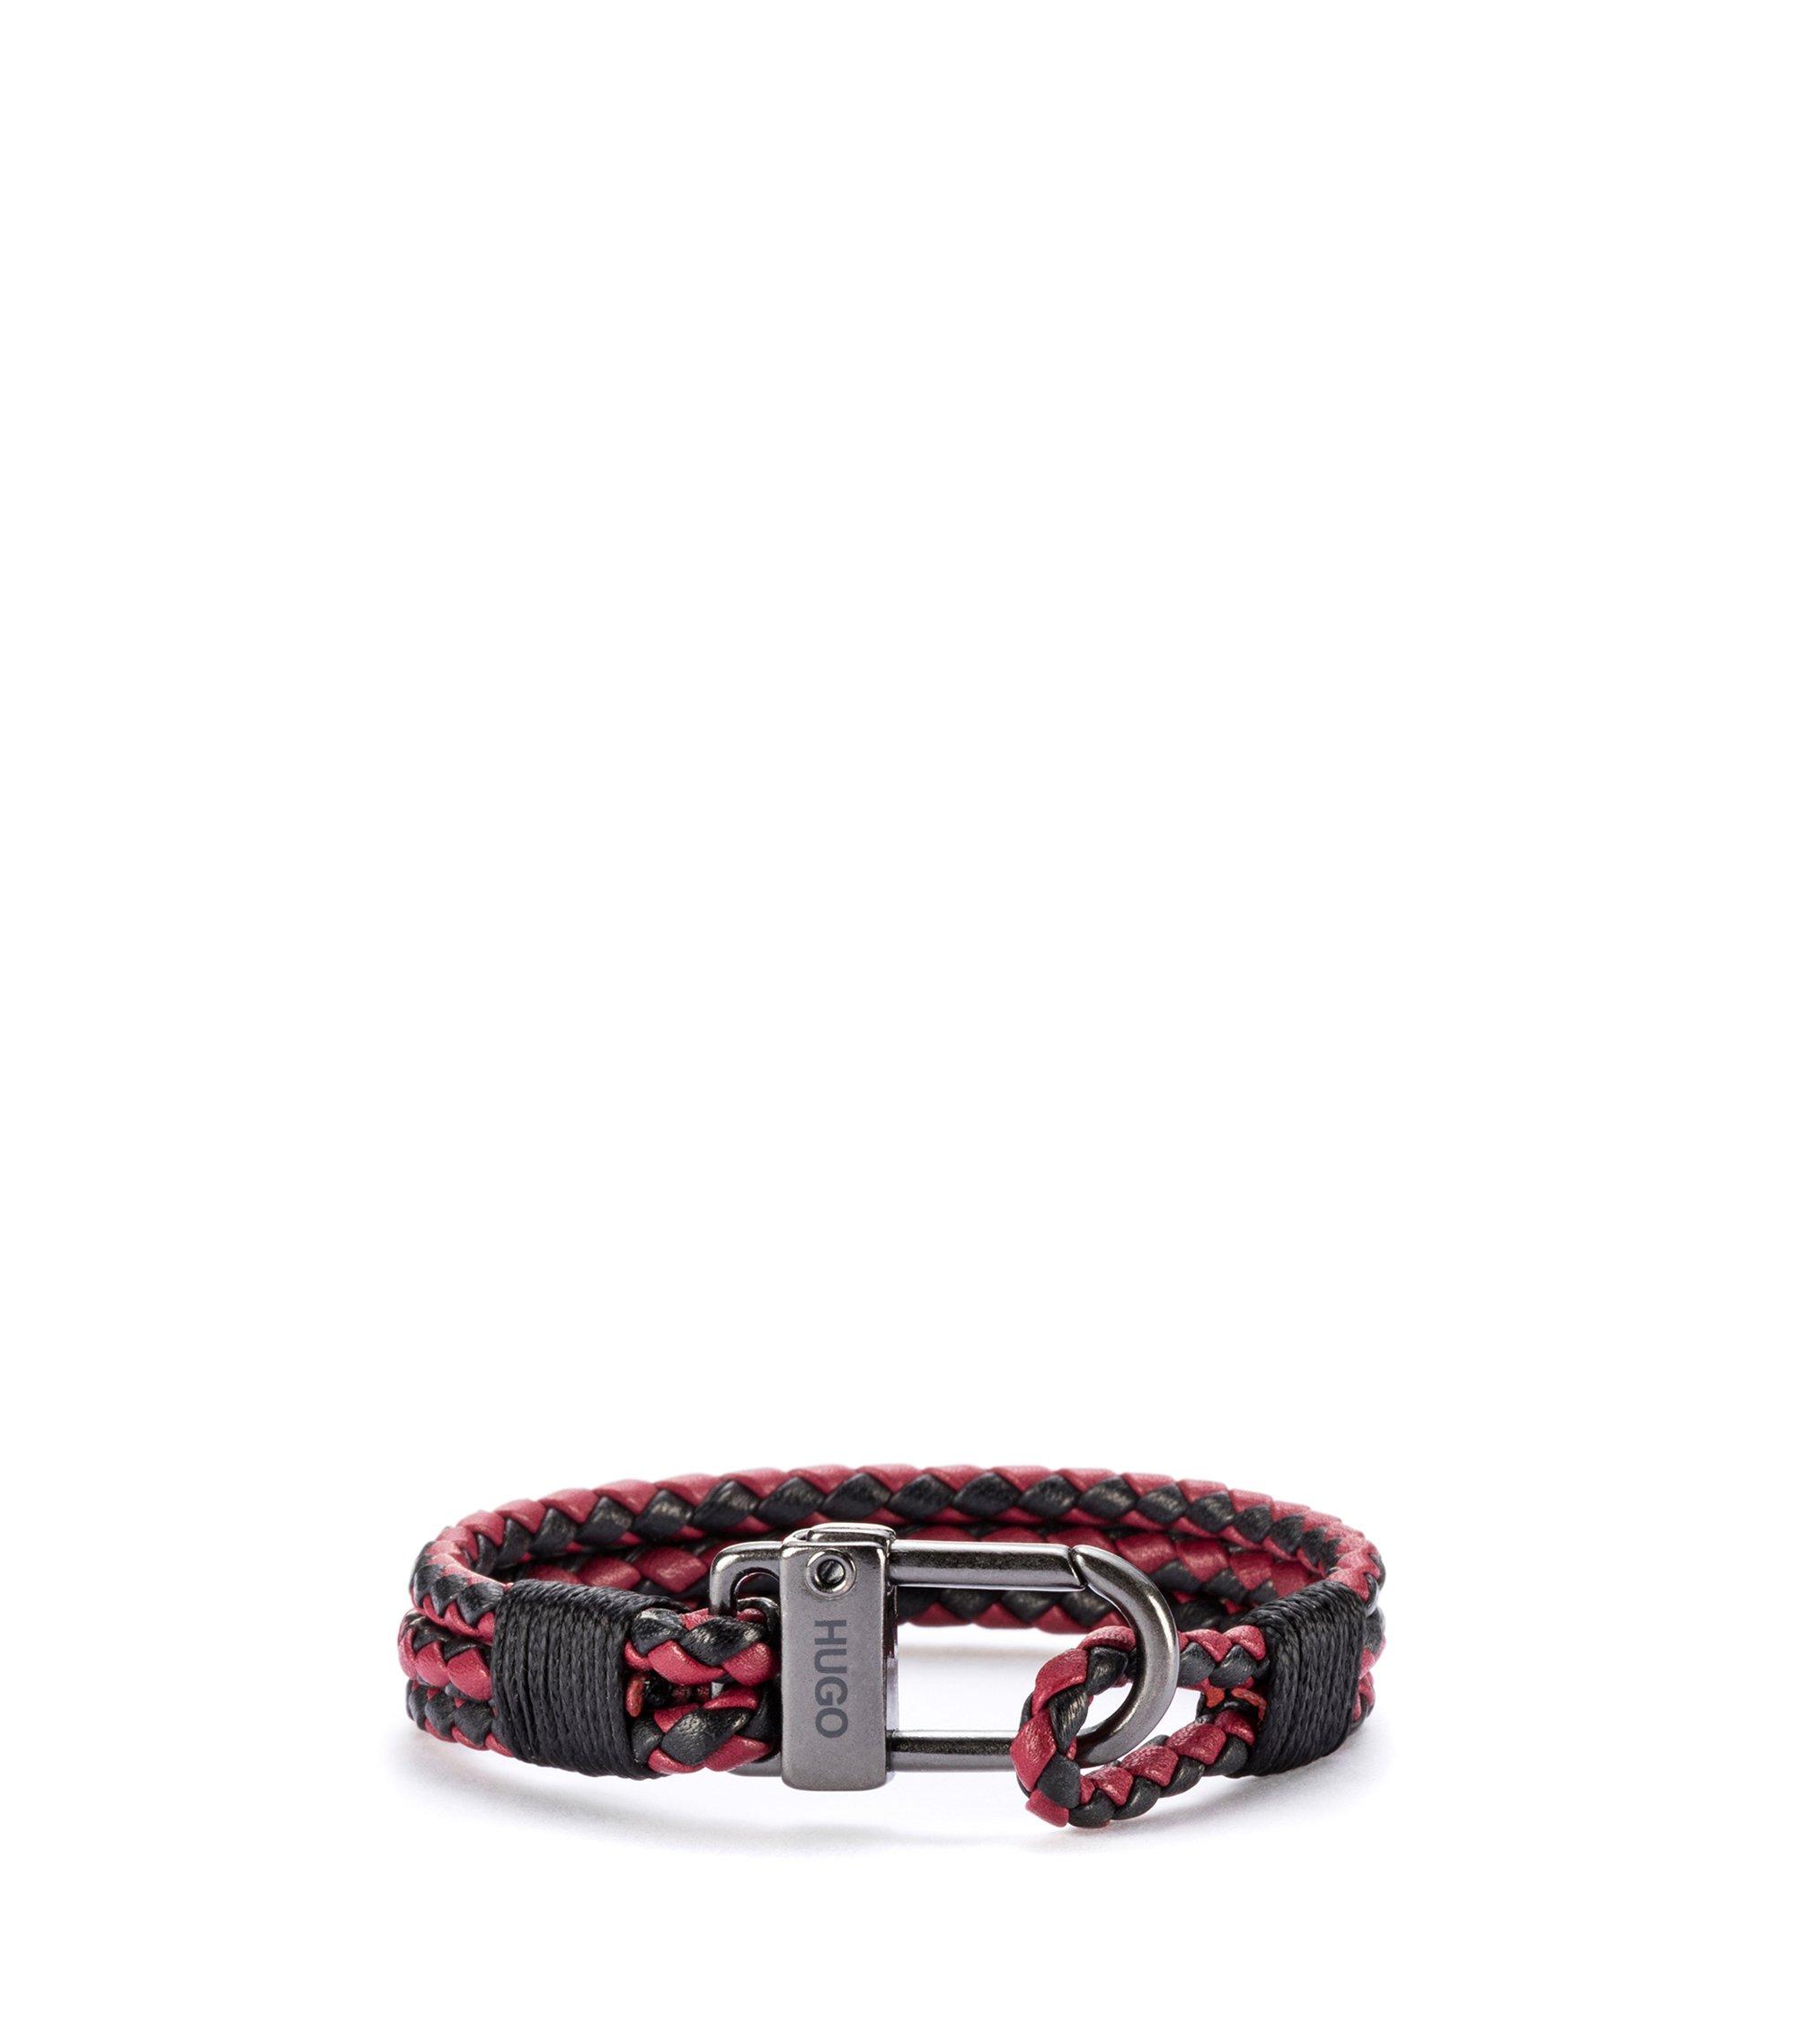 Geflochtenes Armband aus italienischem Leder mit Karabinerverschluss, Gemustert